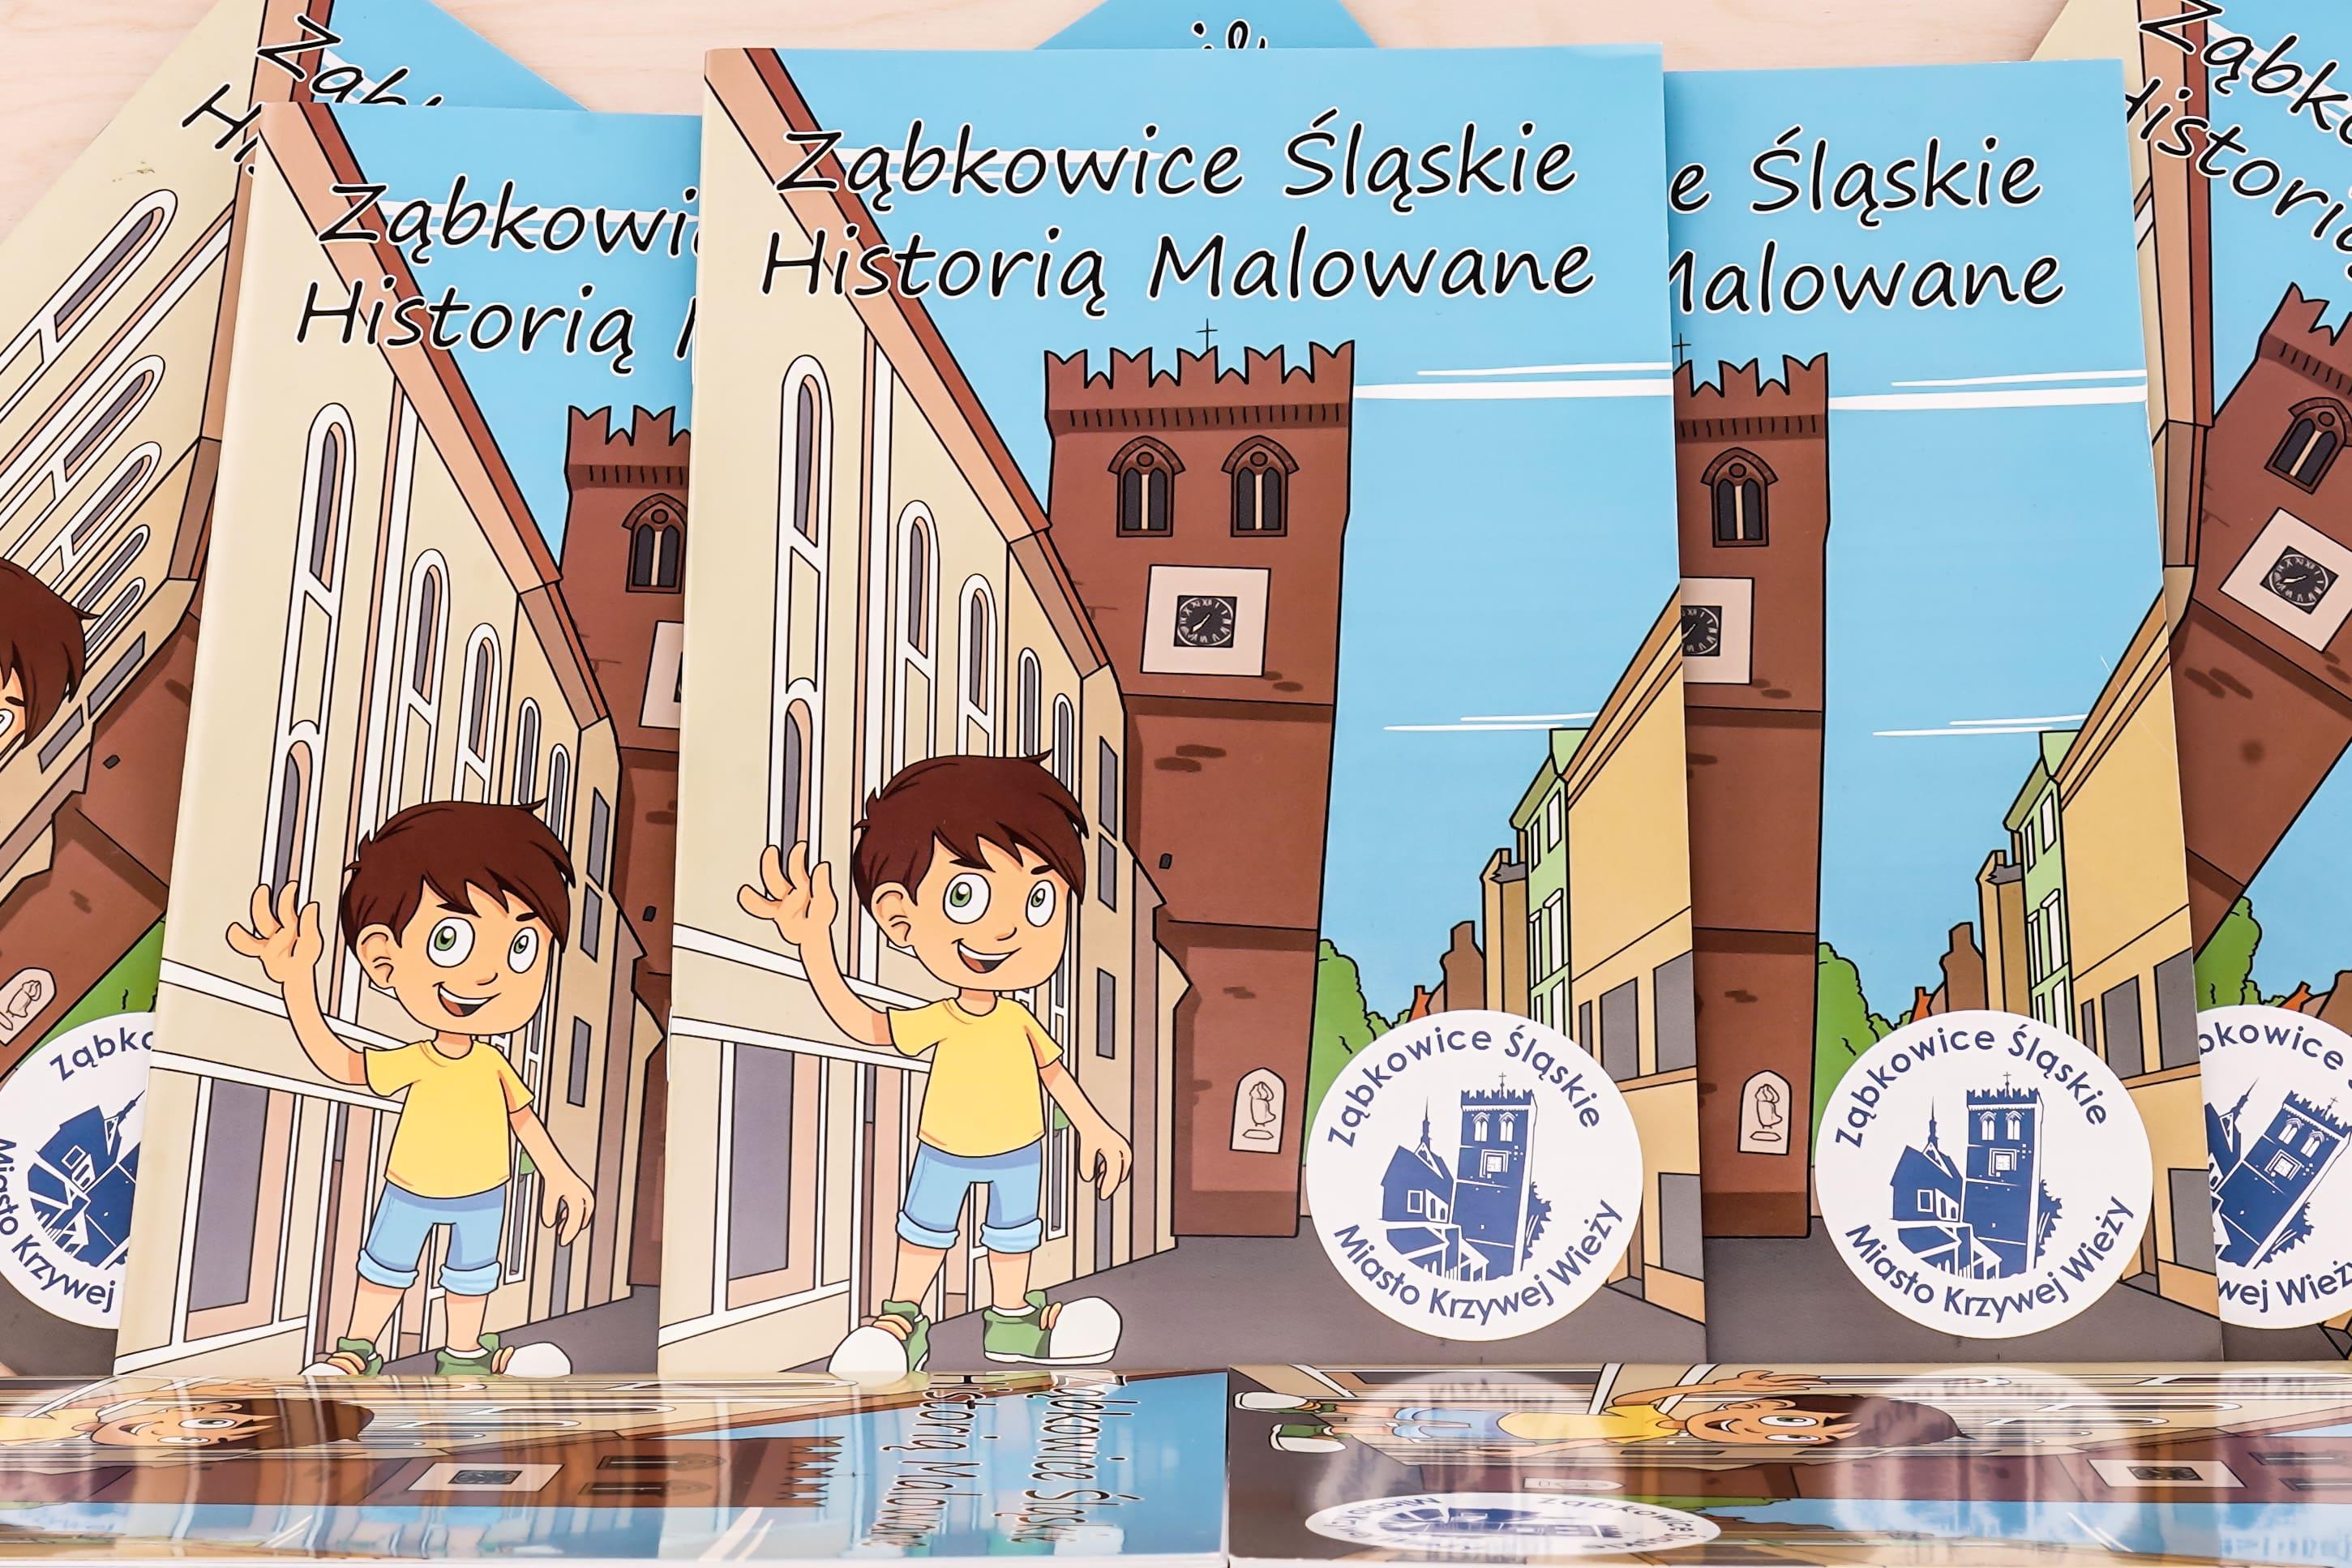 ząbkowice_śląskie-kolorowanka-portfolio-ewerro.jpg